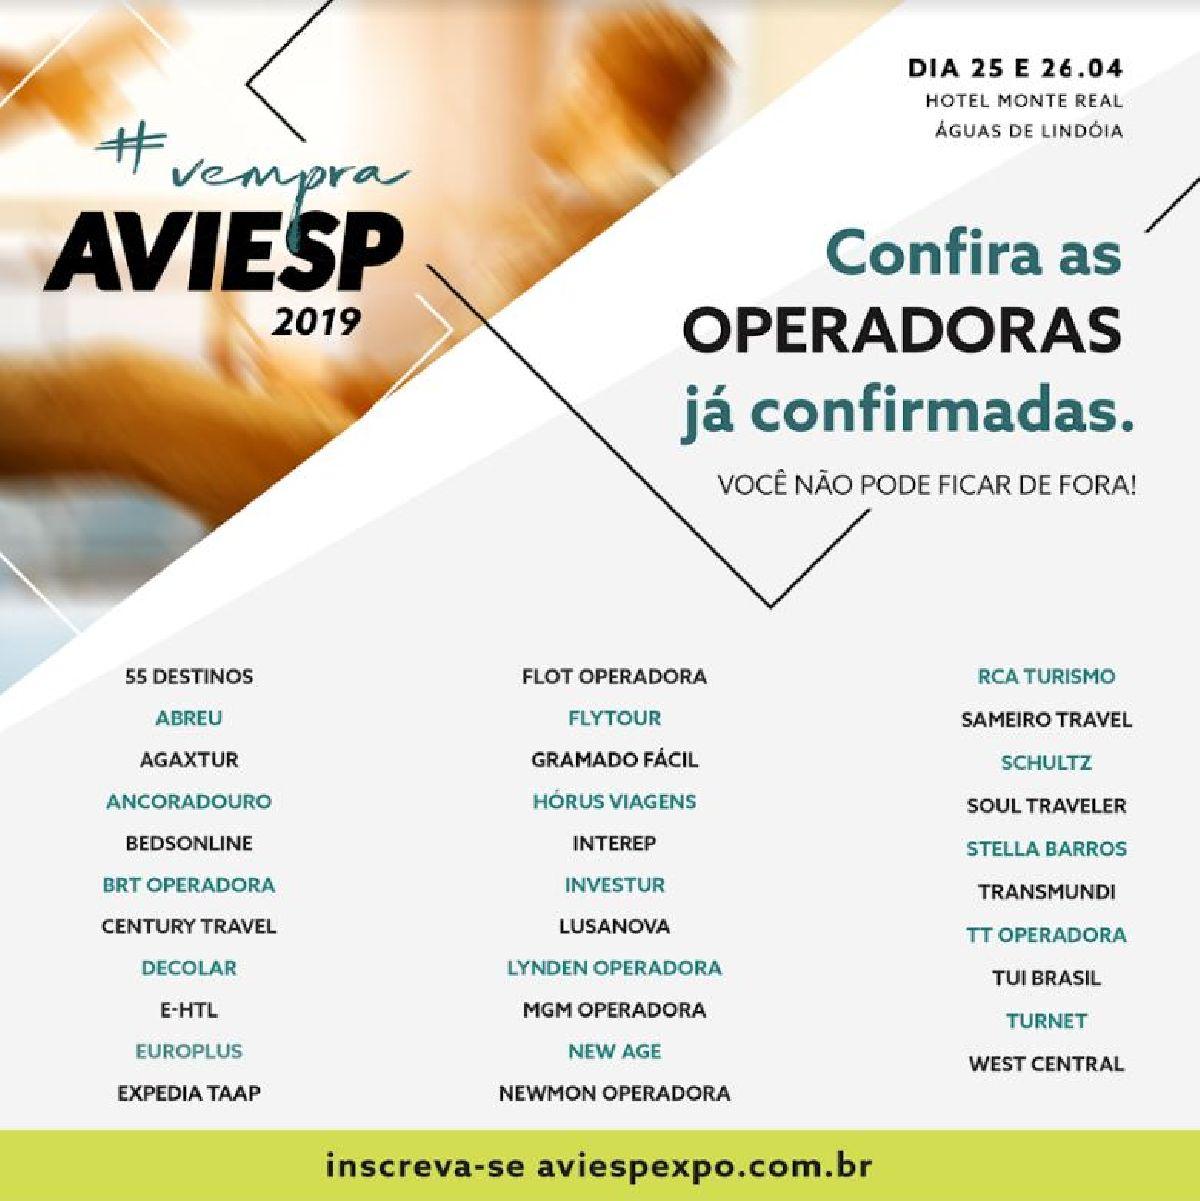 AVIESP 2019: 32 operadoras já confirmaram estandes.